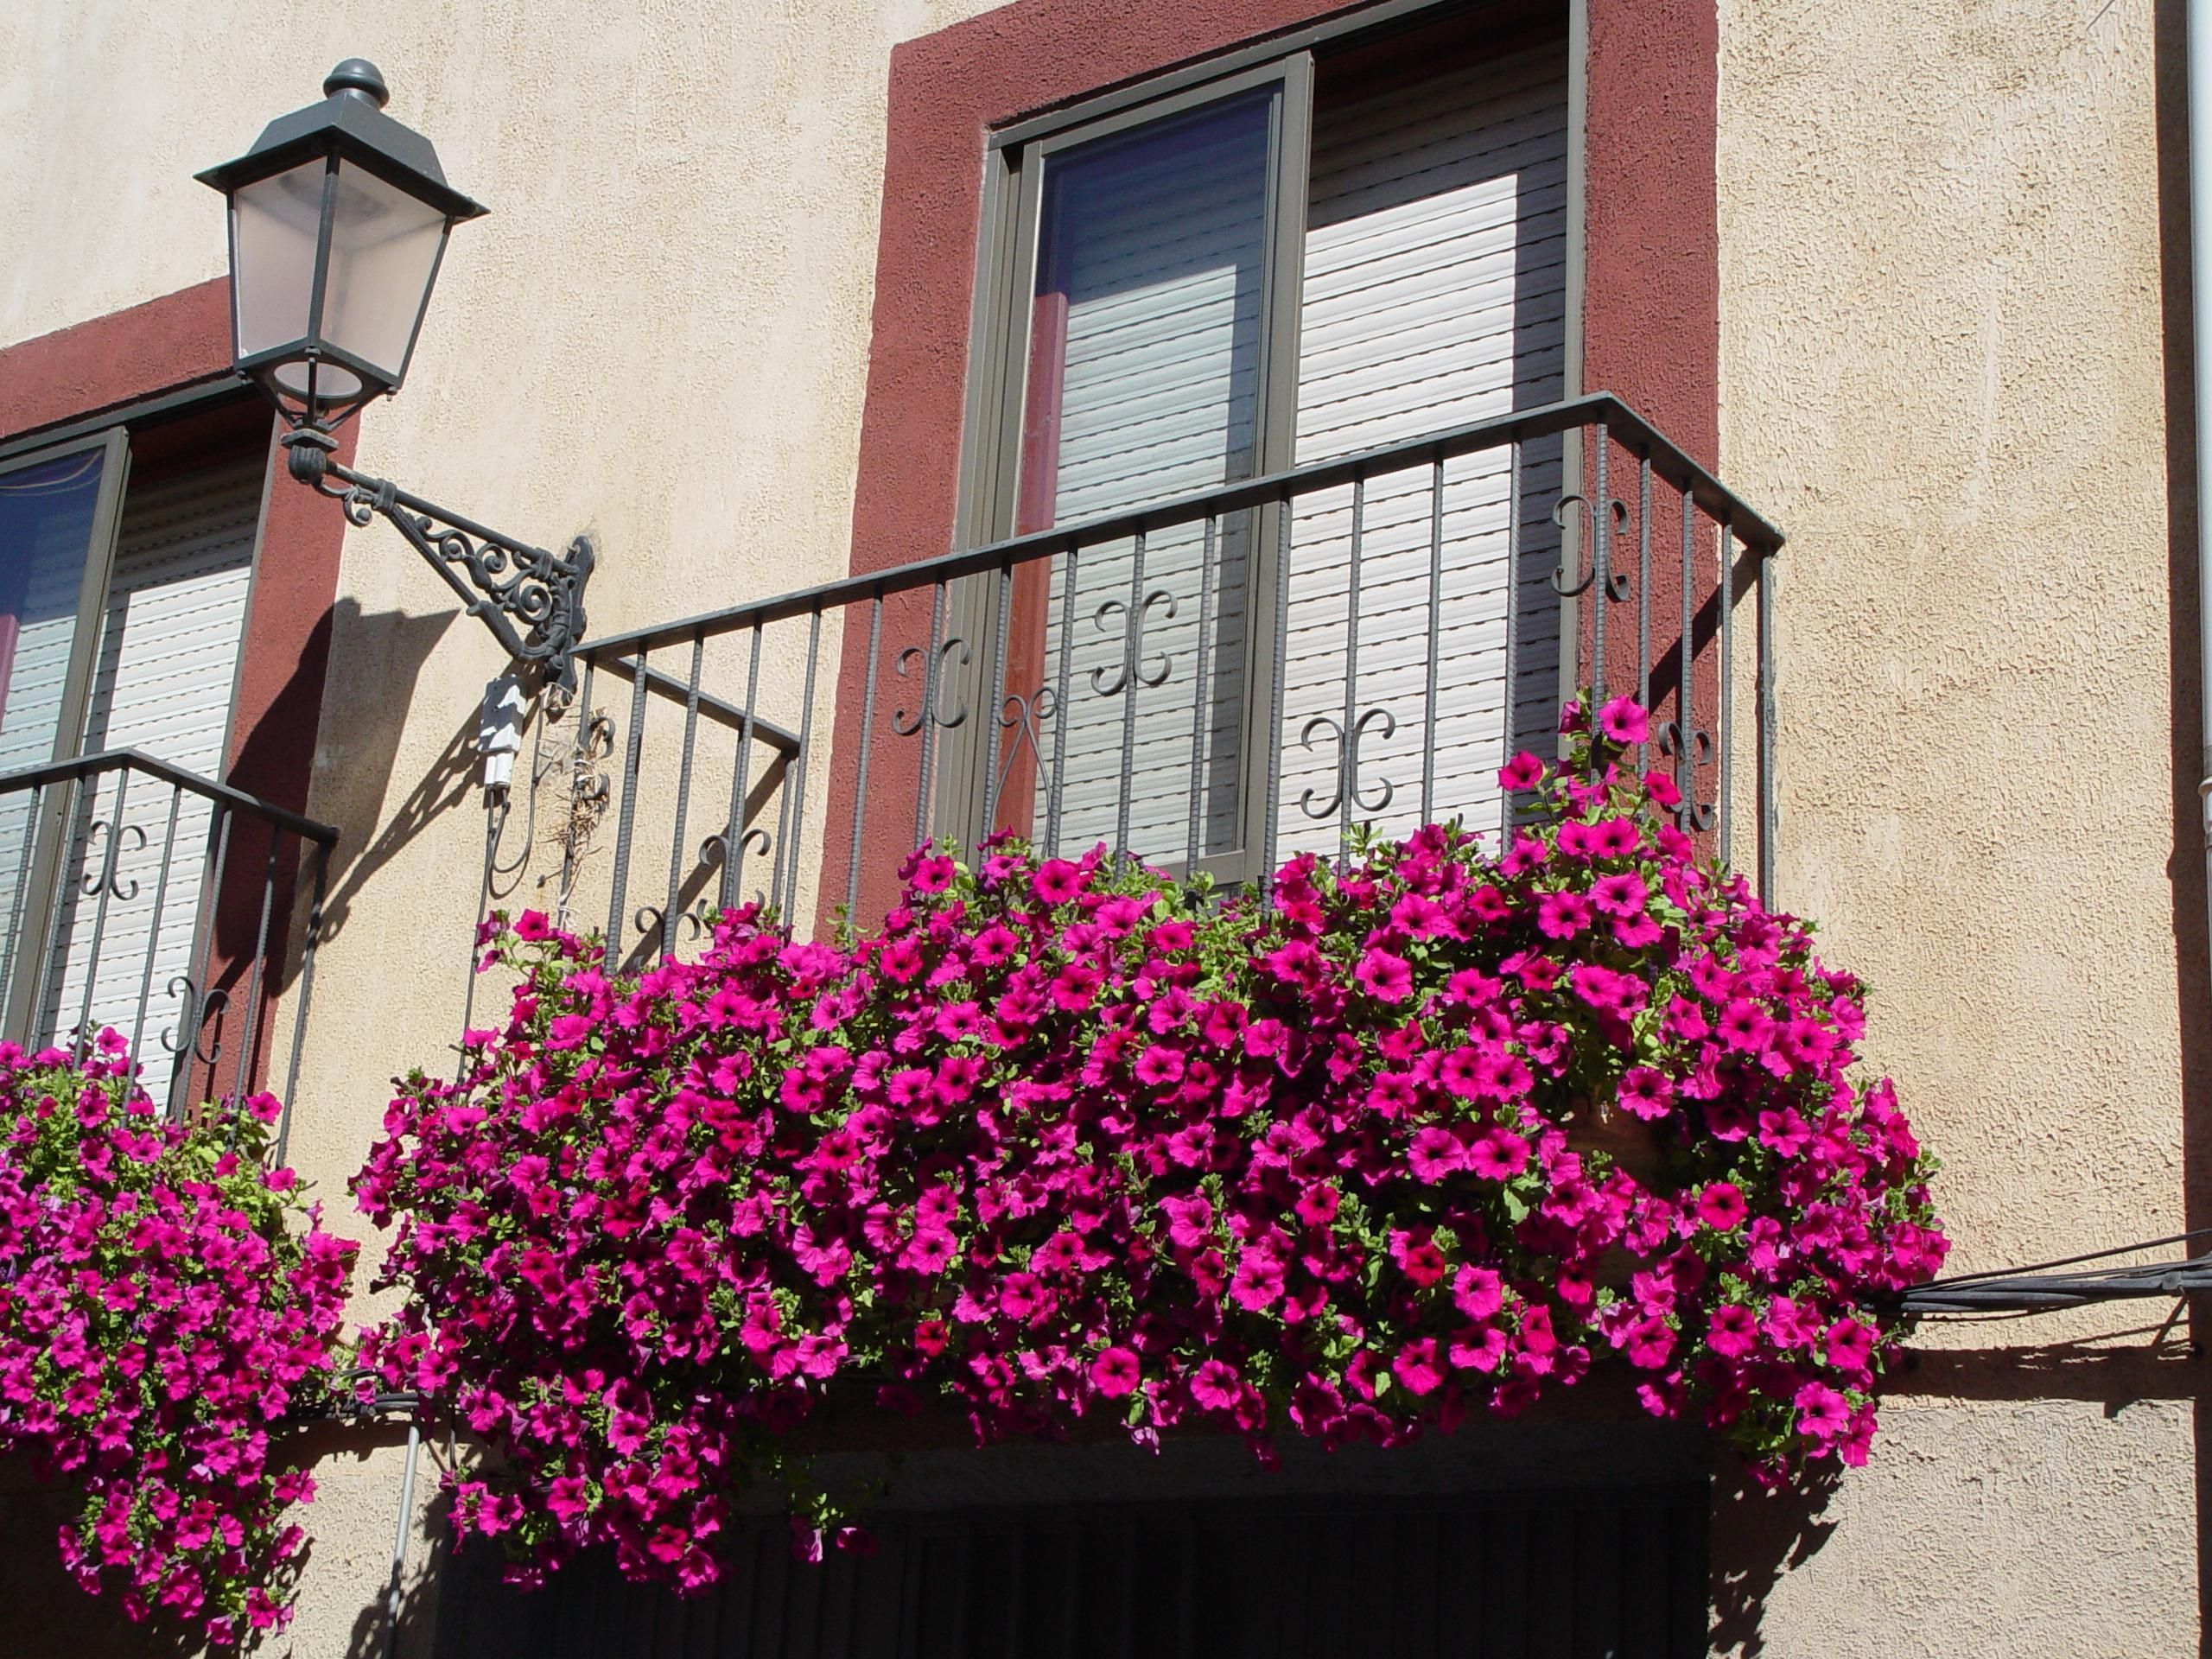 Balcon y flores jardin era en 2019 flores balcon - Plantas jardineras exterior ...